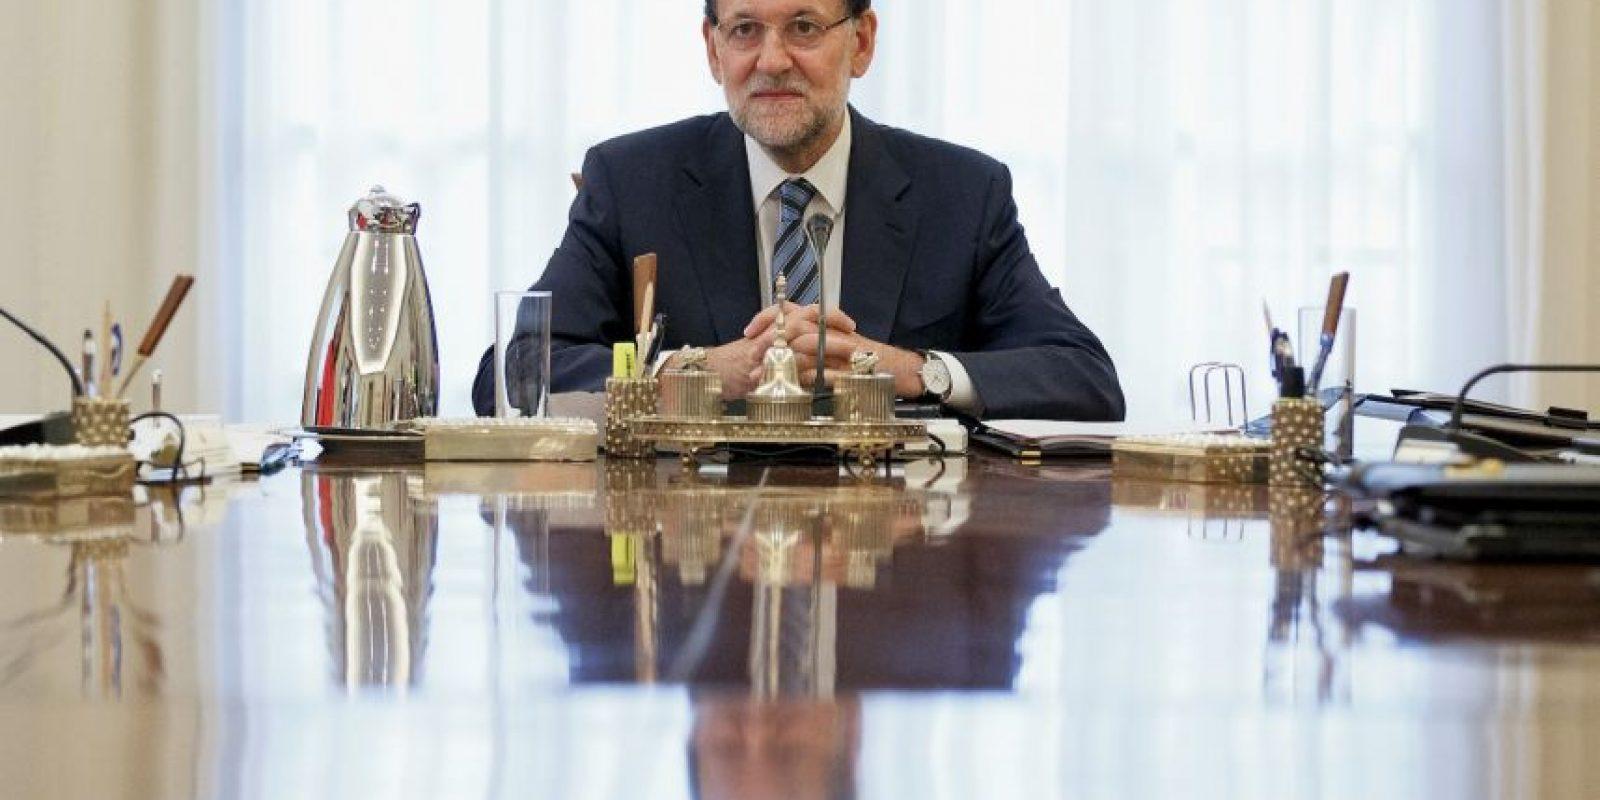 Rajoy ha gobernado al país ibérico sumido en una profunda crisis económica. Foto:Getty Images